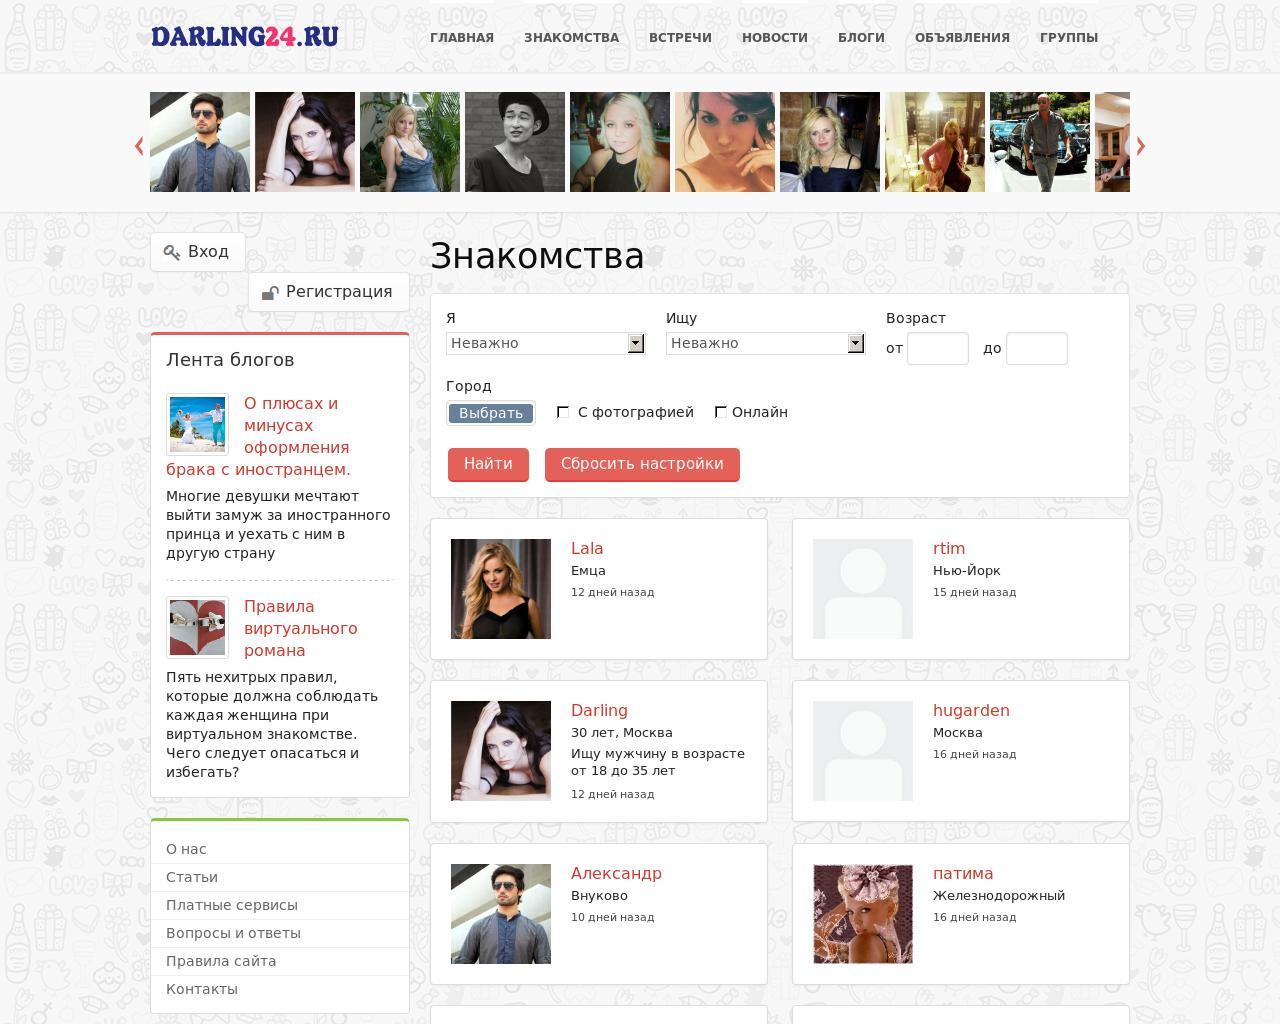 Друзья Контакты Сайт Знакомств